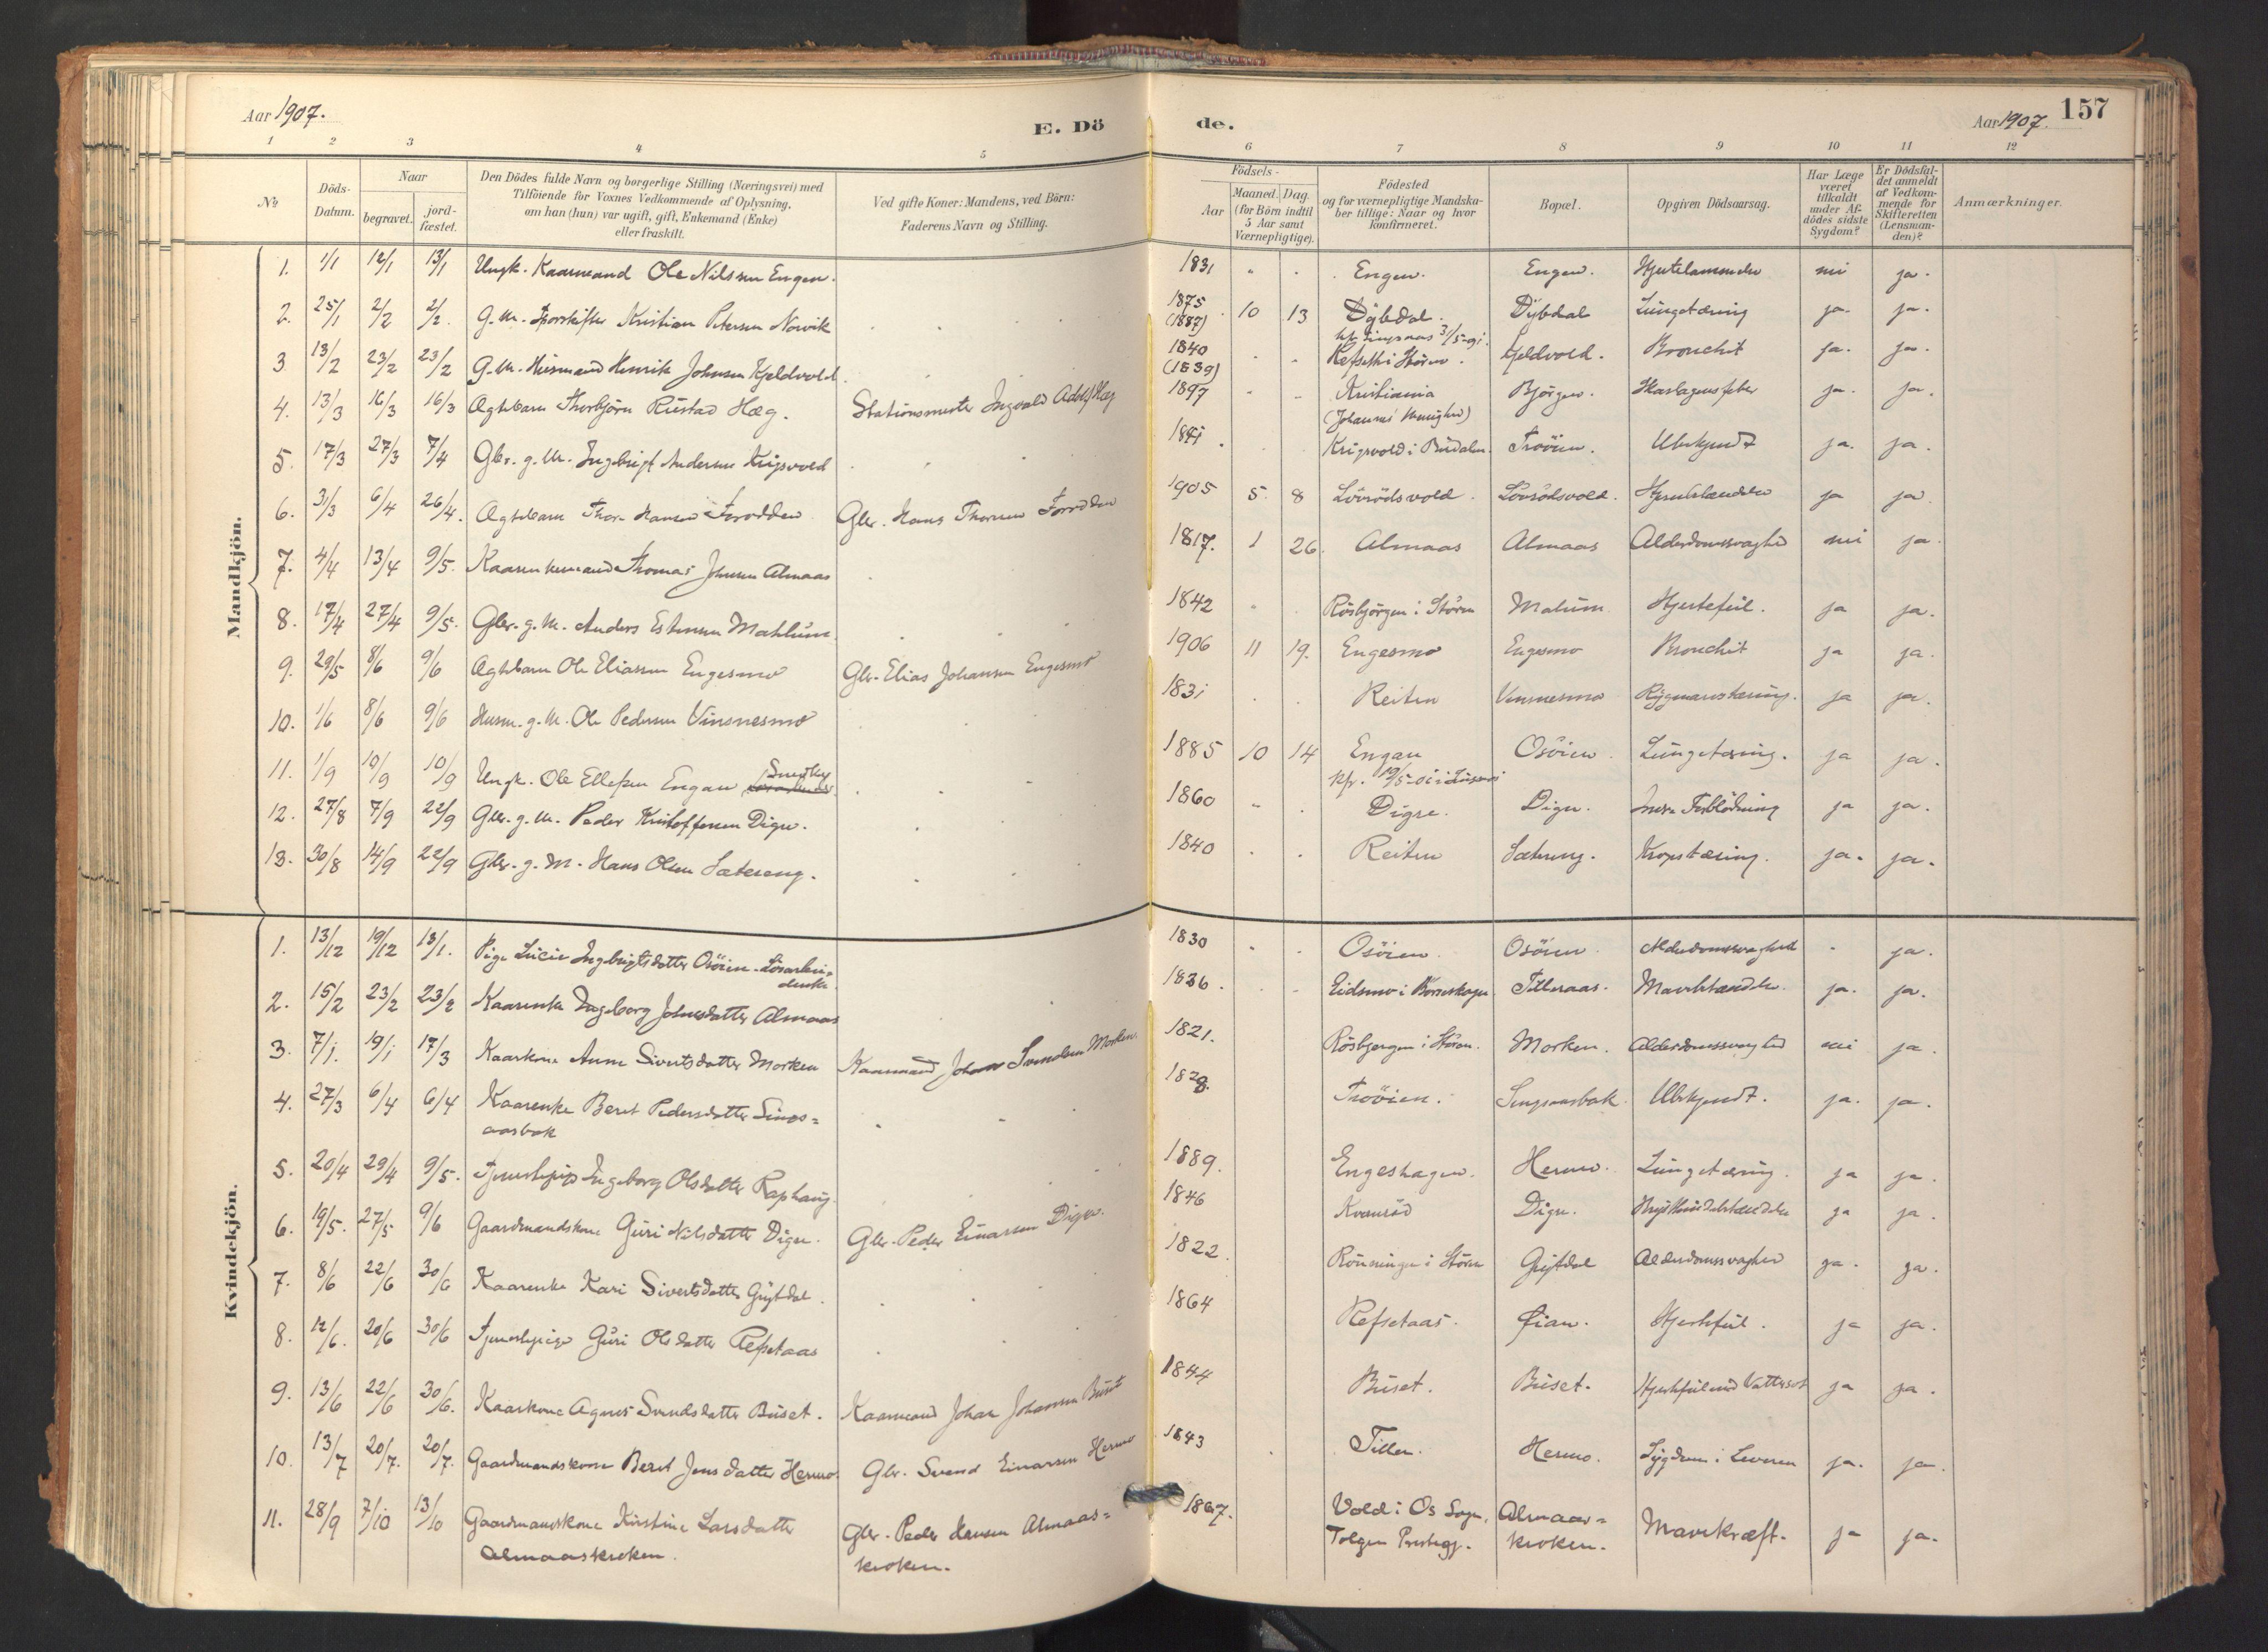 SAT, Ministerialprotokoller, klokkerbøker og fødselsregistre - Sør-Trøndelag, 688/L1025: Ministerialbok nr. 688A02, 1891-1909, s. 157